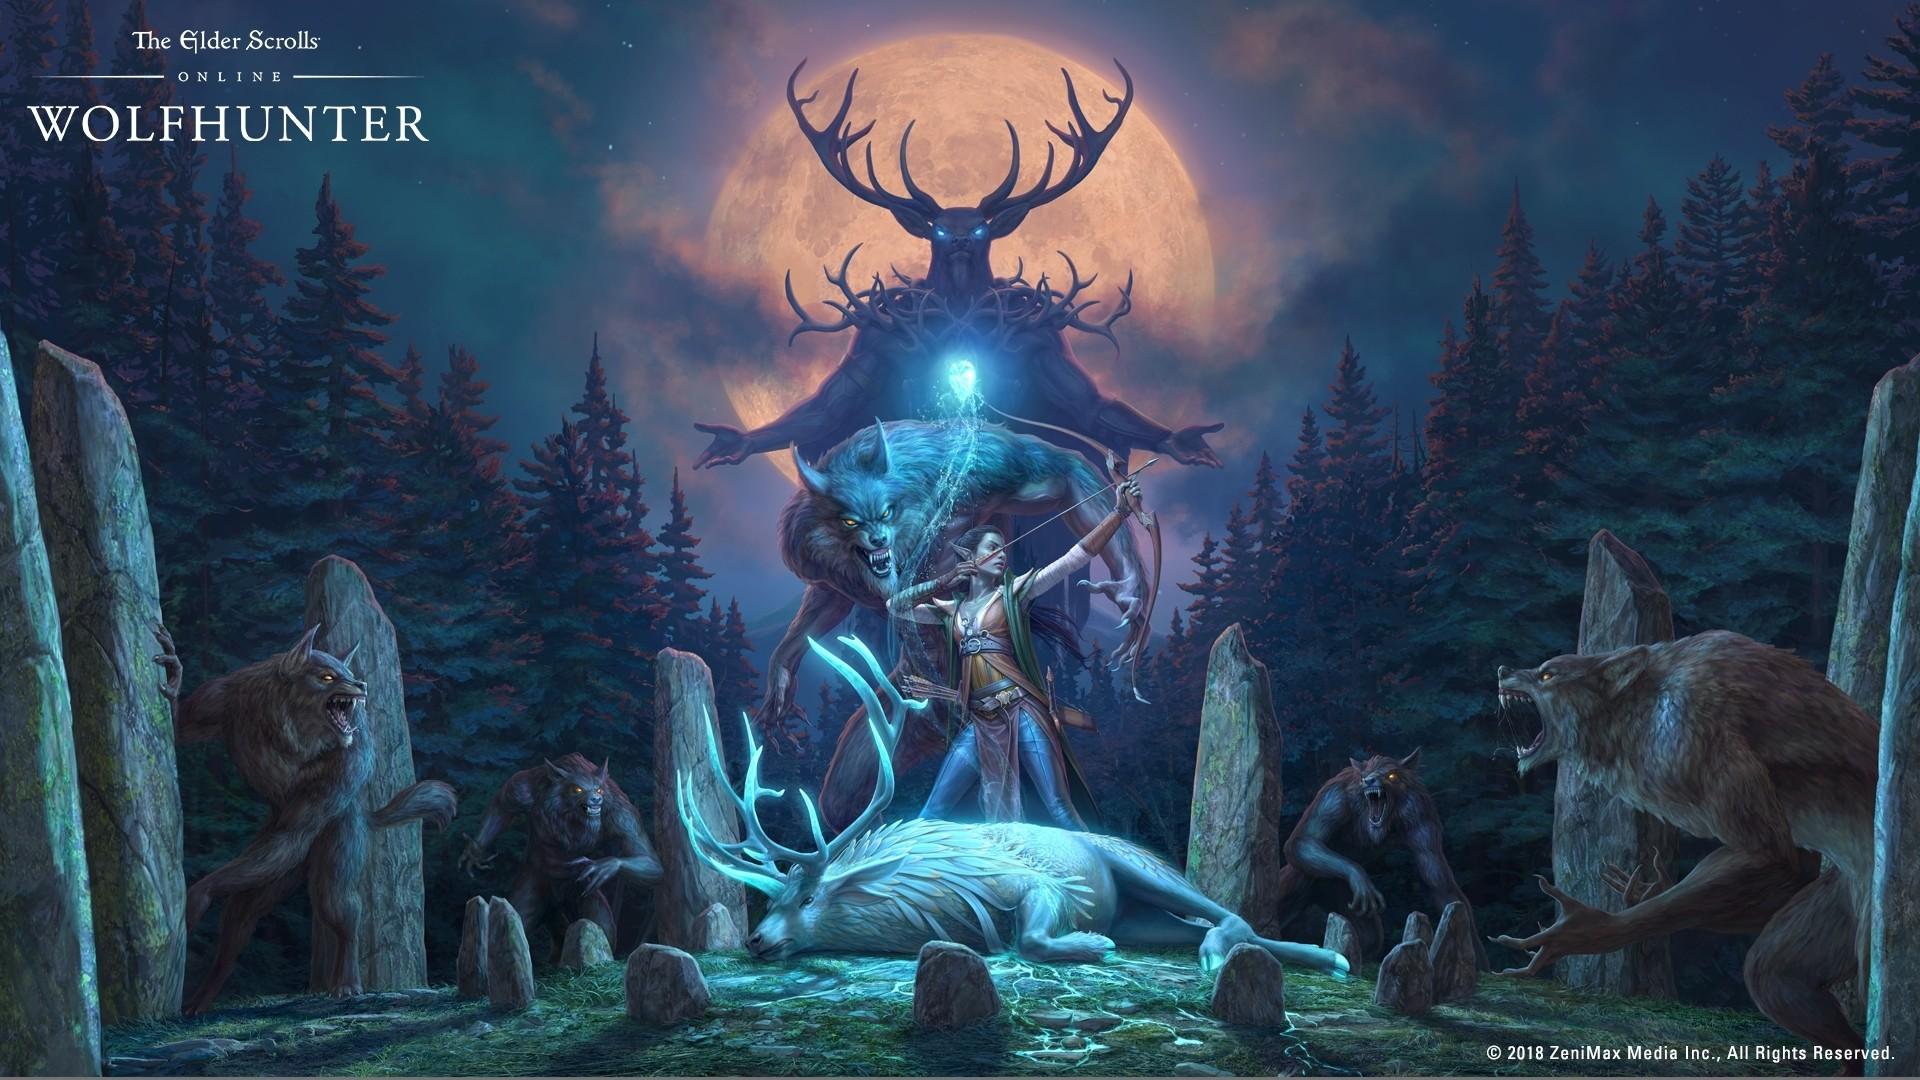 Res: 1920x1080, The Elder Scrolls Online: Wolfhunter